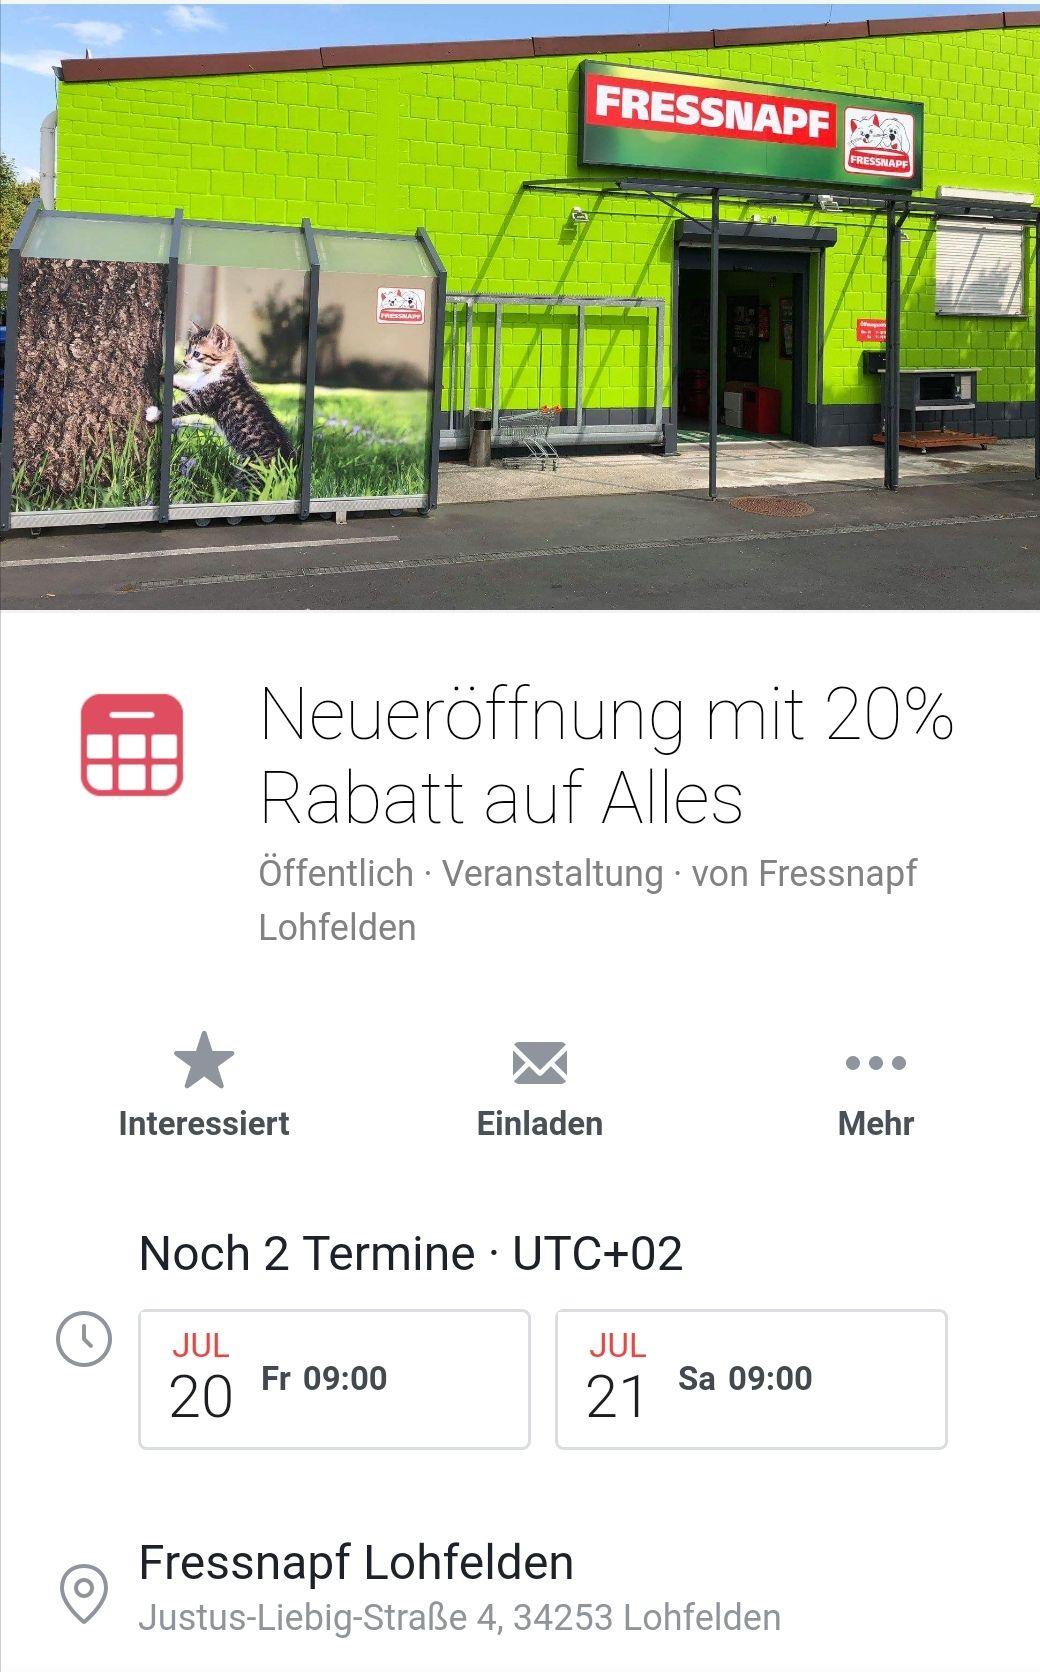 [Lokal Kassel] Fressnapf Wiedereröffnung Lohfelden 20% Rabatt auf alles